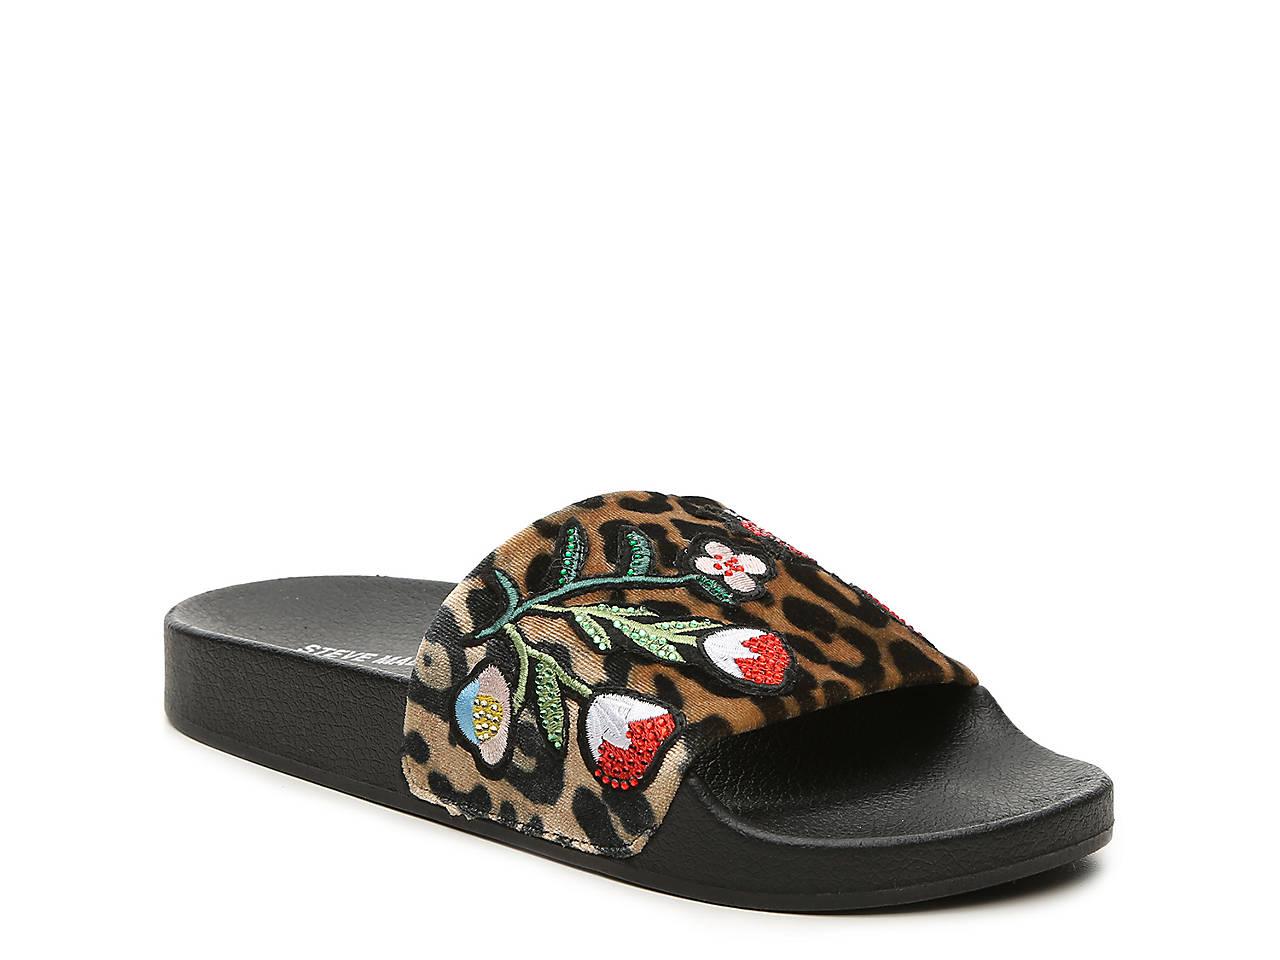 abd1c4e36ca Steve Madden Patches Velvet Slide Sandal Men s Shoes